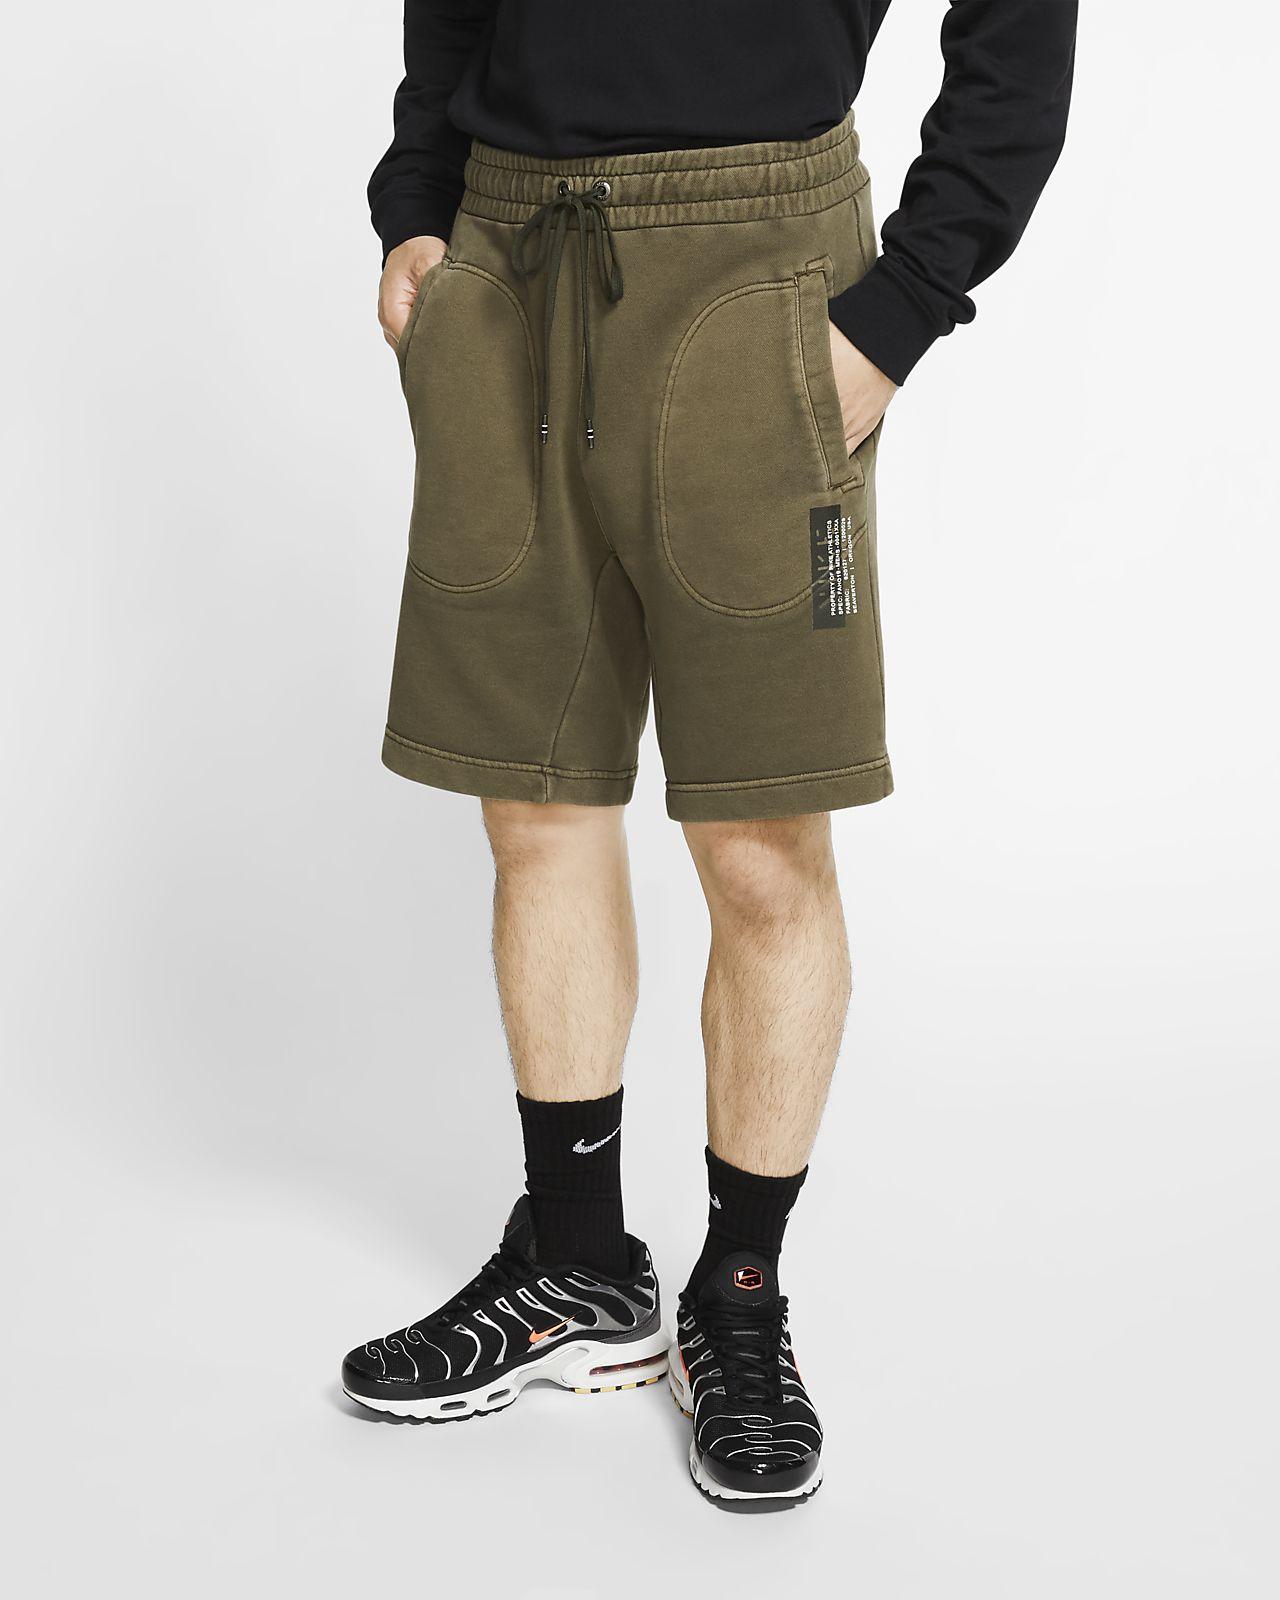 กางเกงขาสั้นผ้าเฟรนช์เทรีผู้ชาย Nike Sportswear